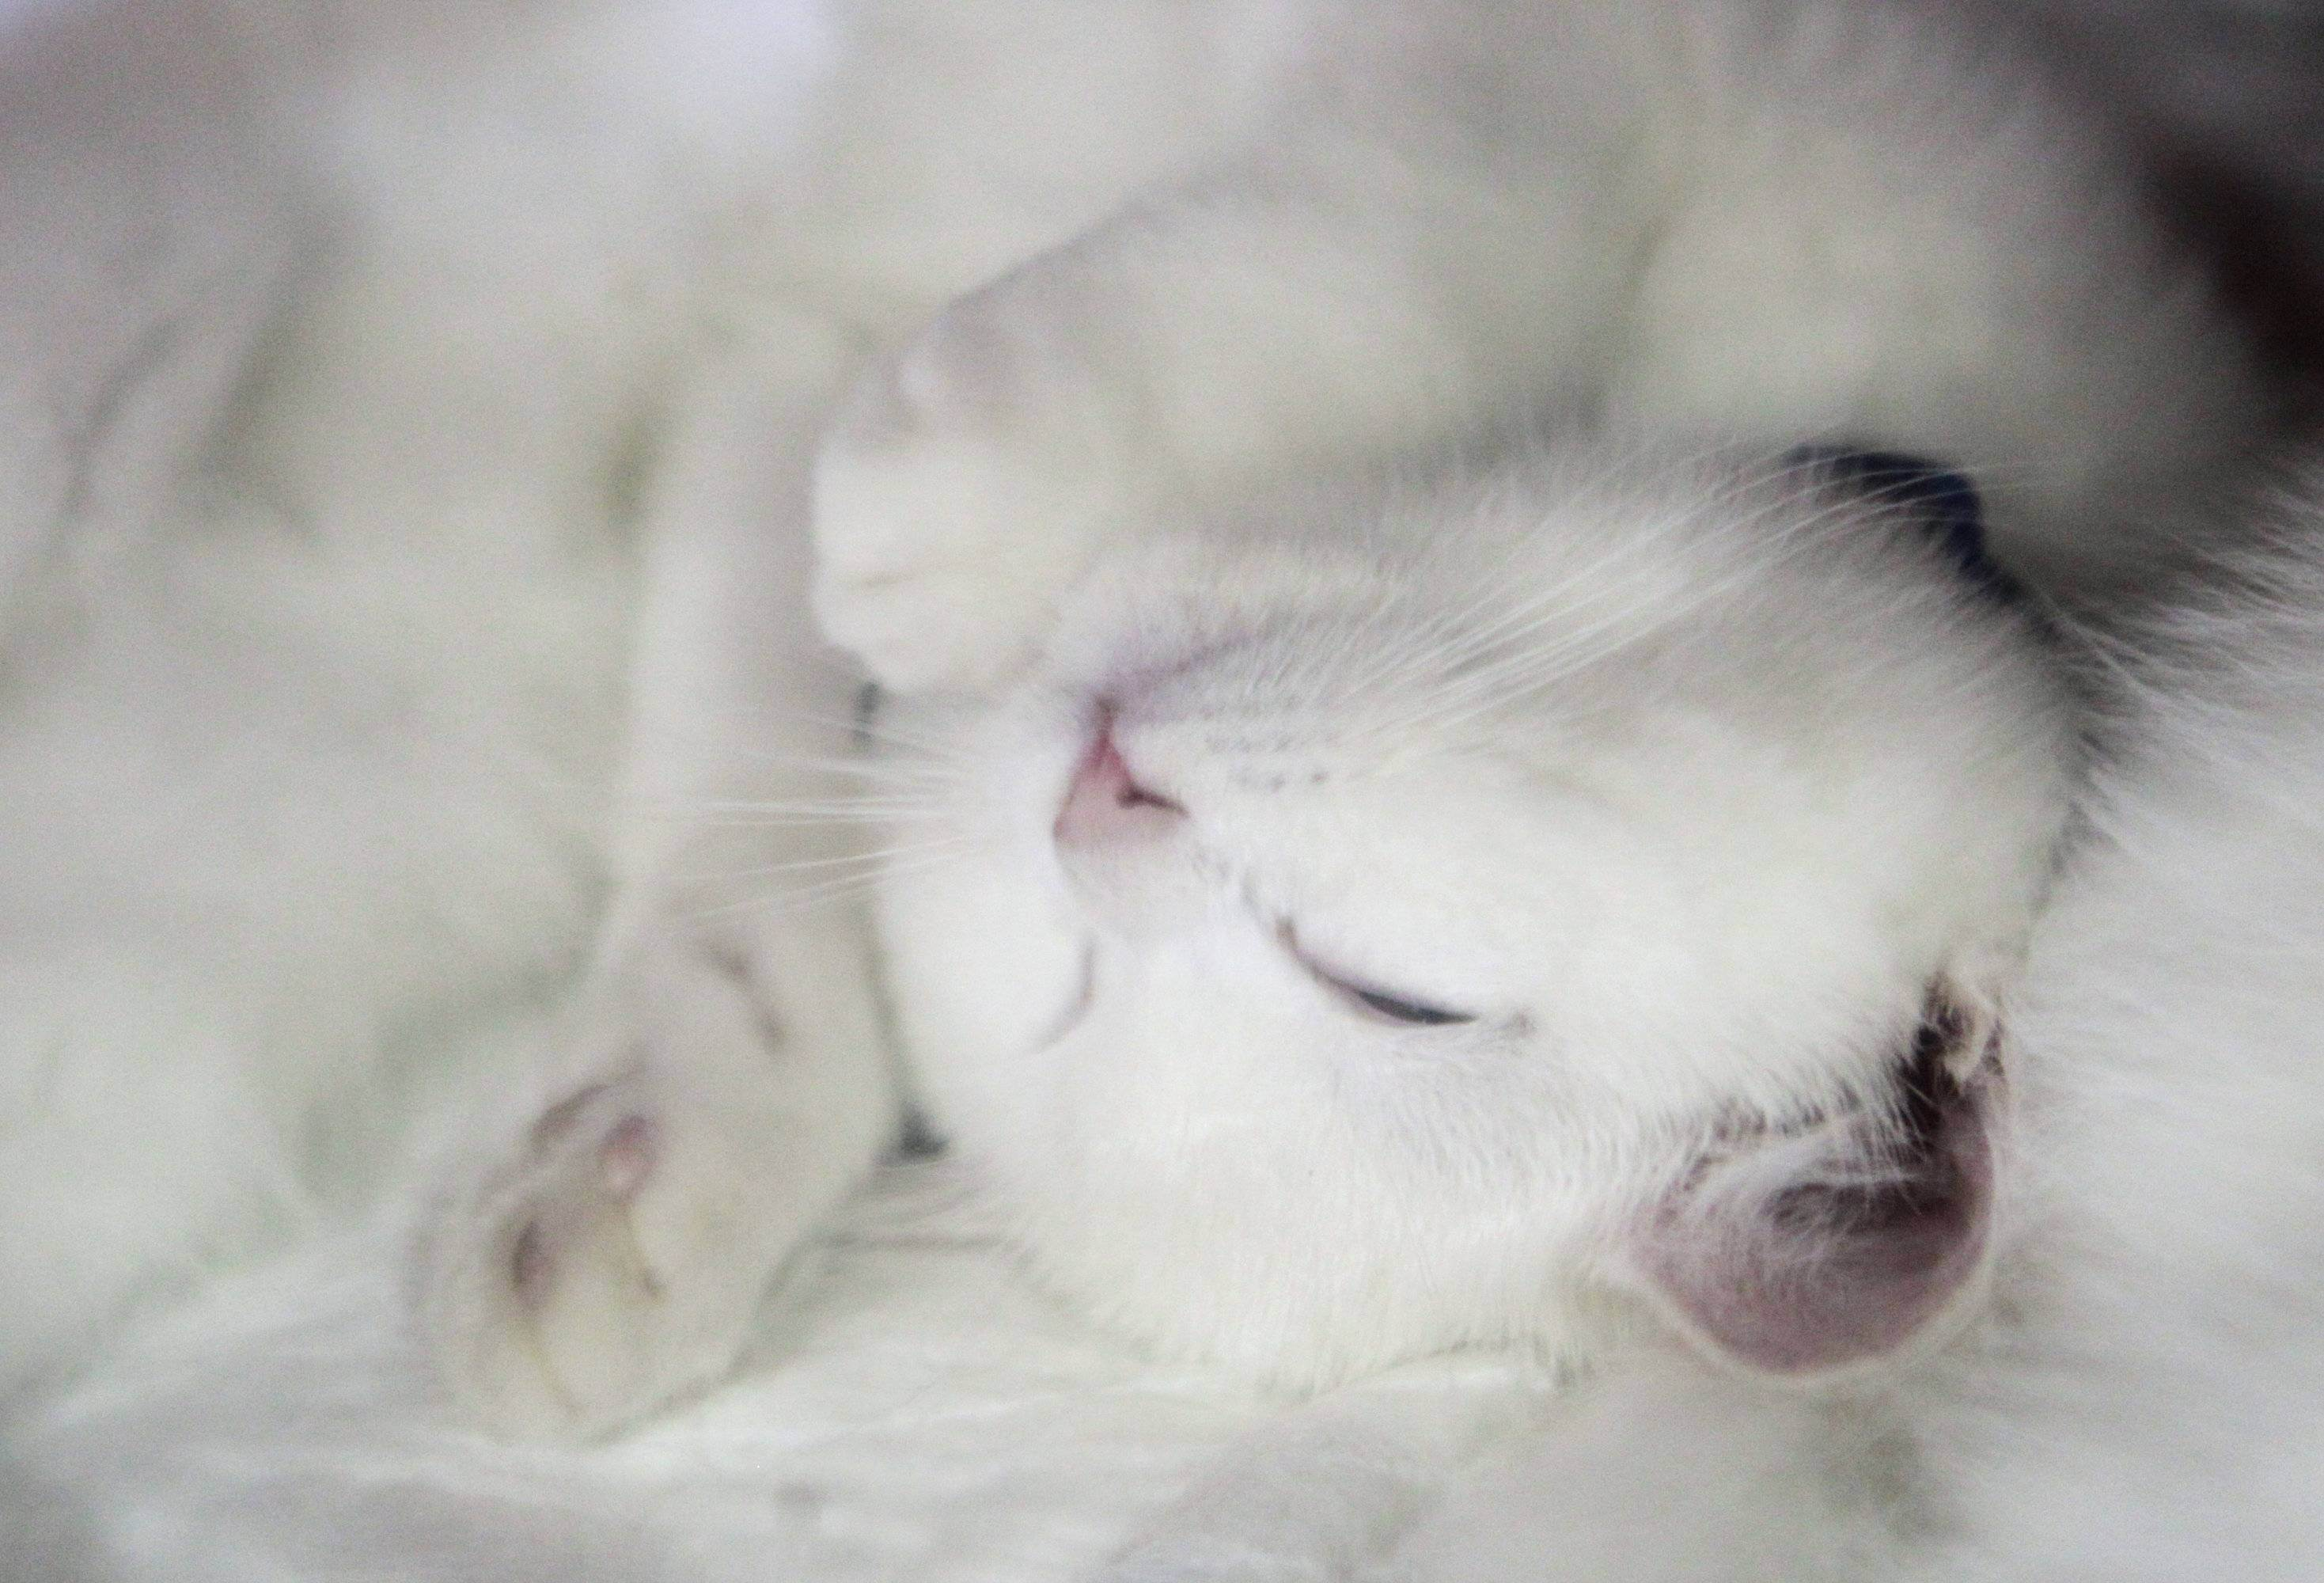 Смешные кошачьи законы, кодексы котов, правила, инструкции, дневники котов и смешные истории о кошачьих - 5